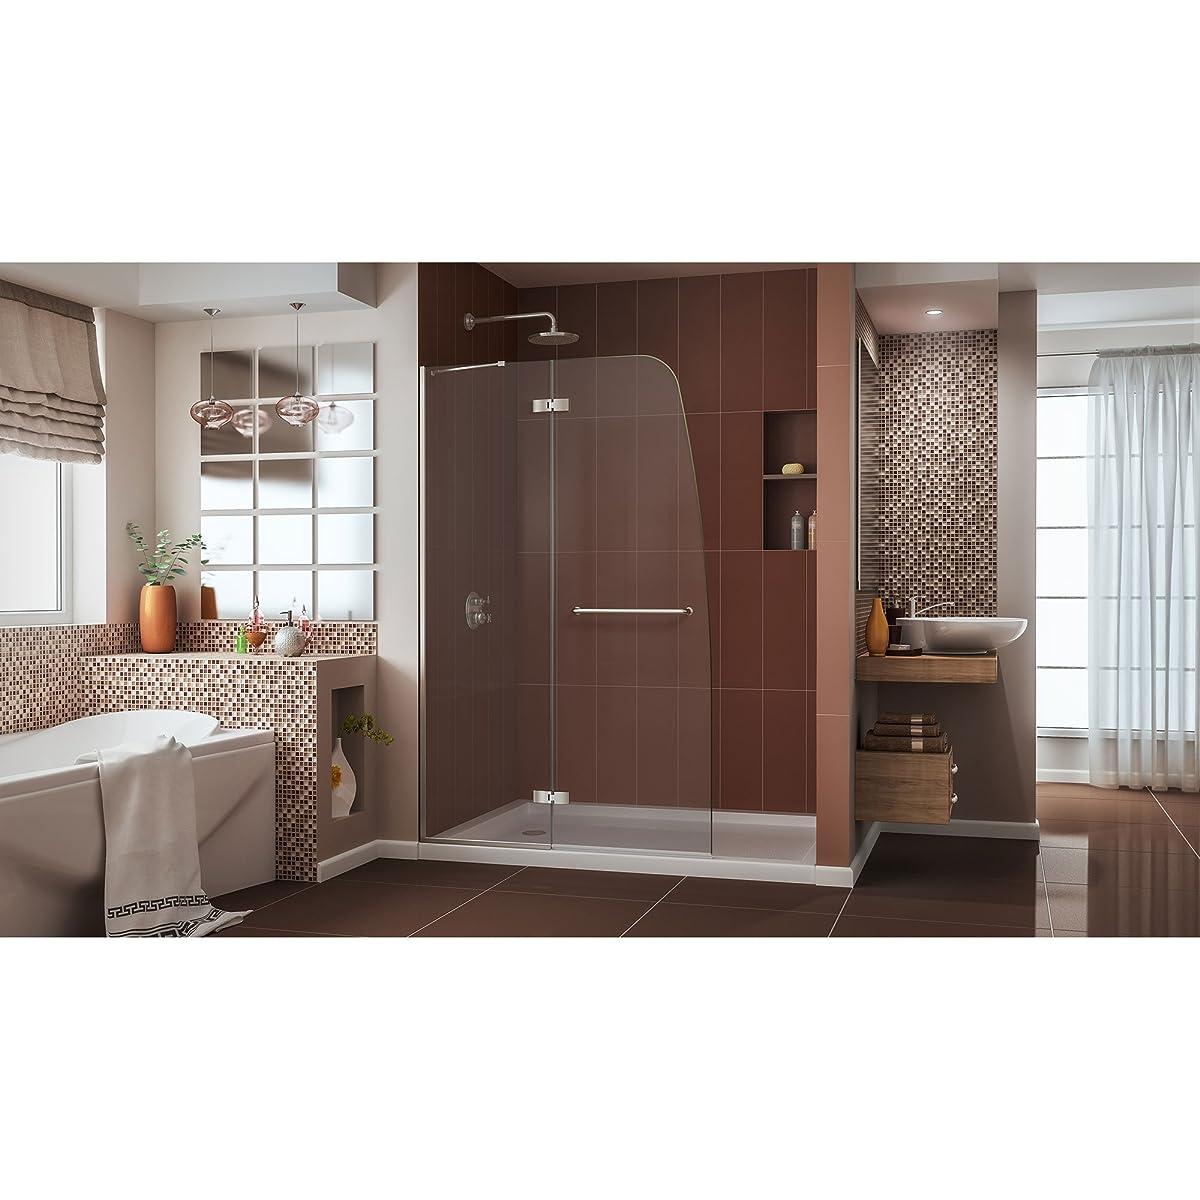 Dreamline Aqua Ultra 45 In Width Frameless Hinged Shower